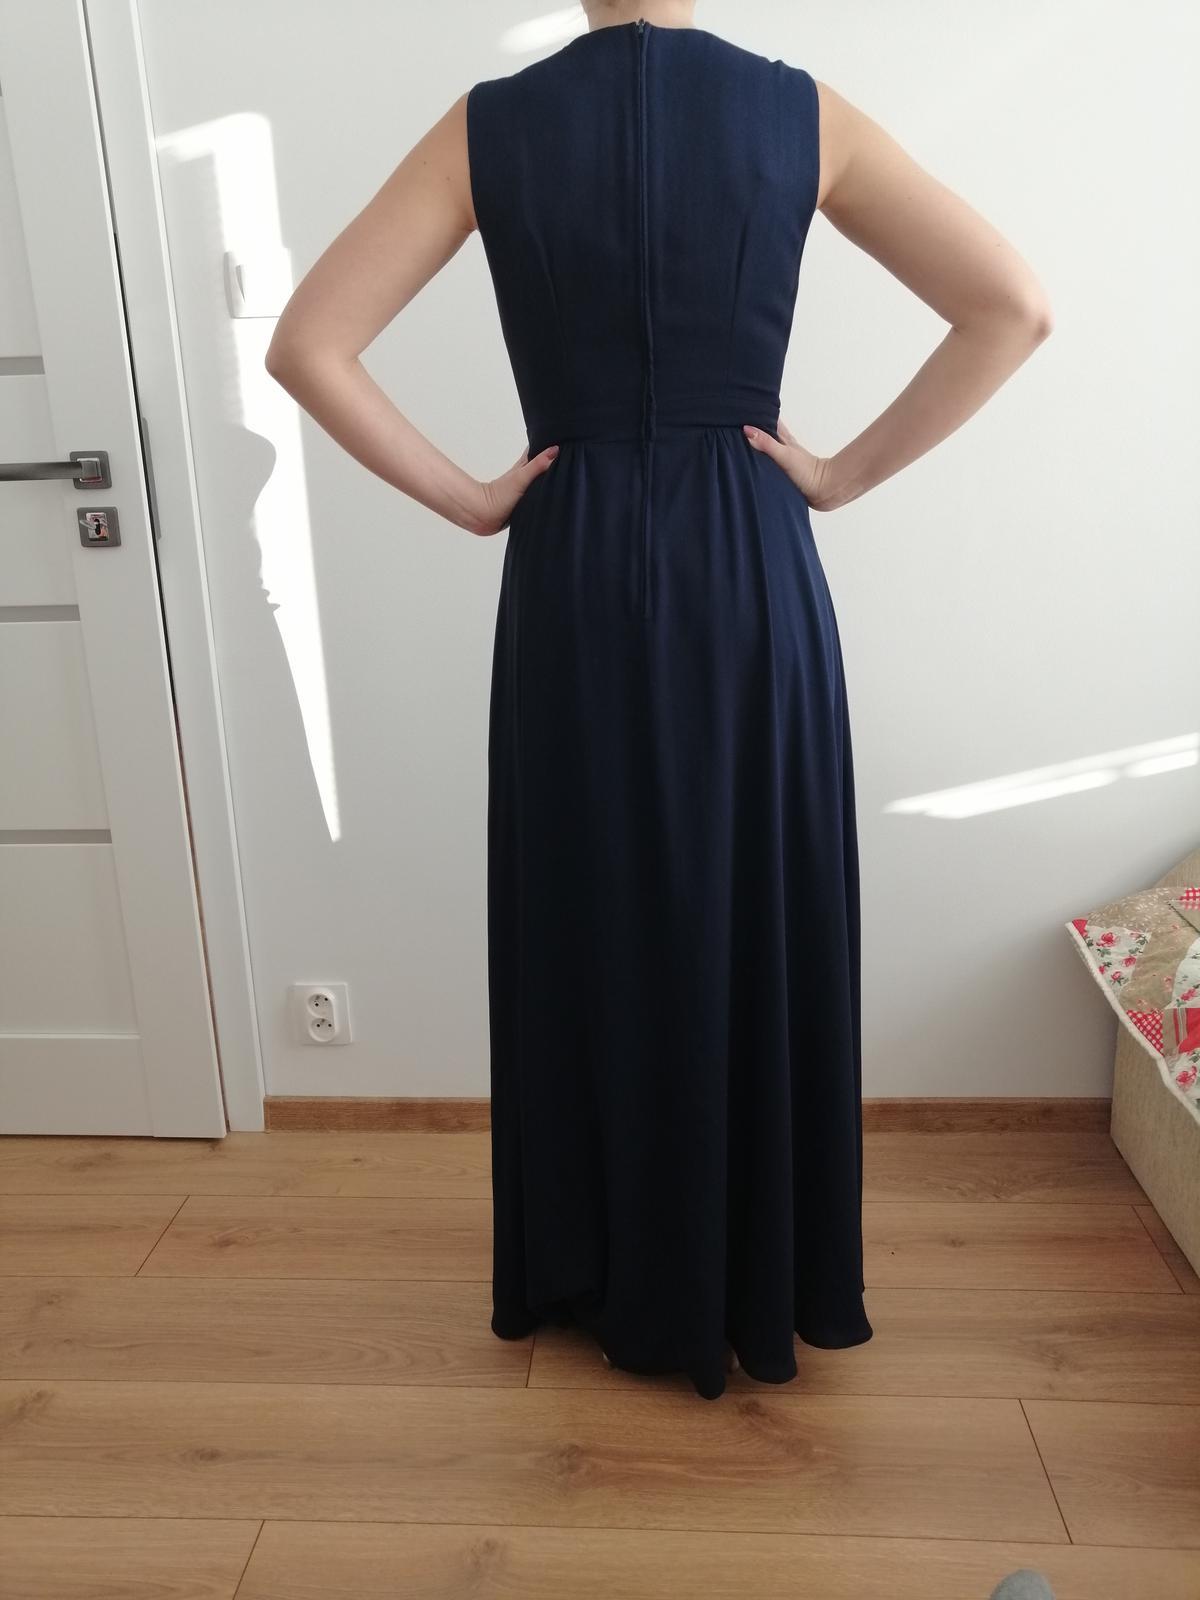 Spoločenské šaty - Obrázok č. 2